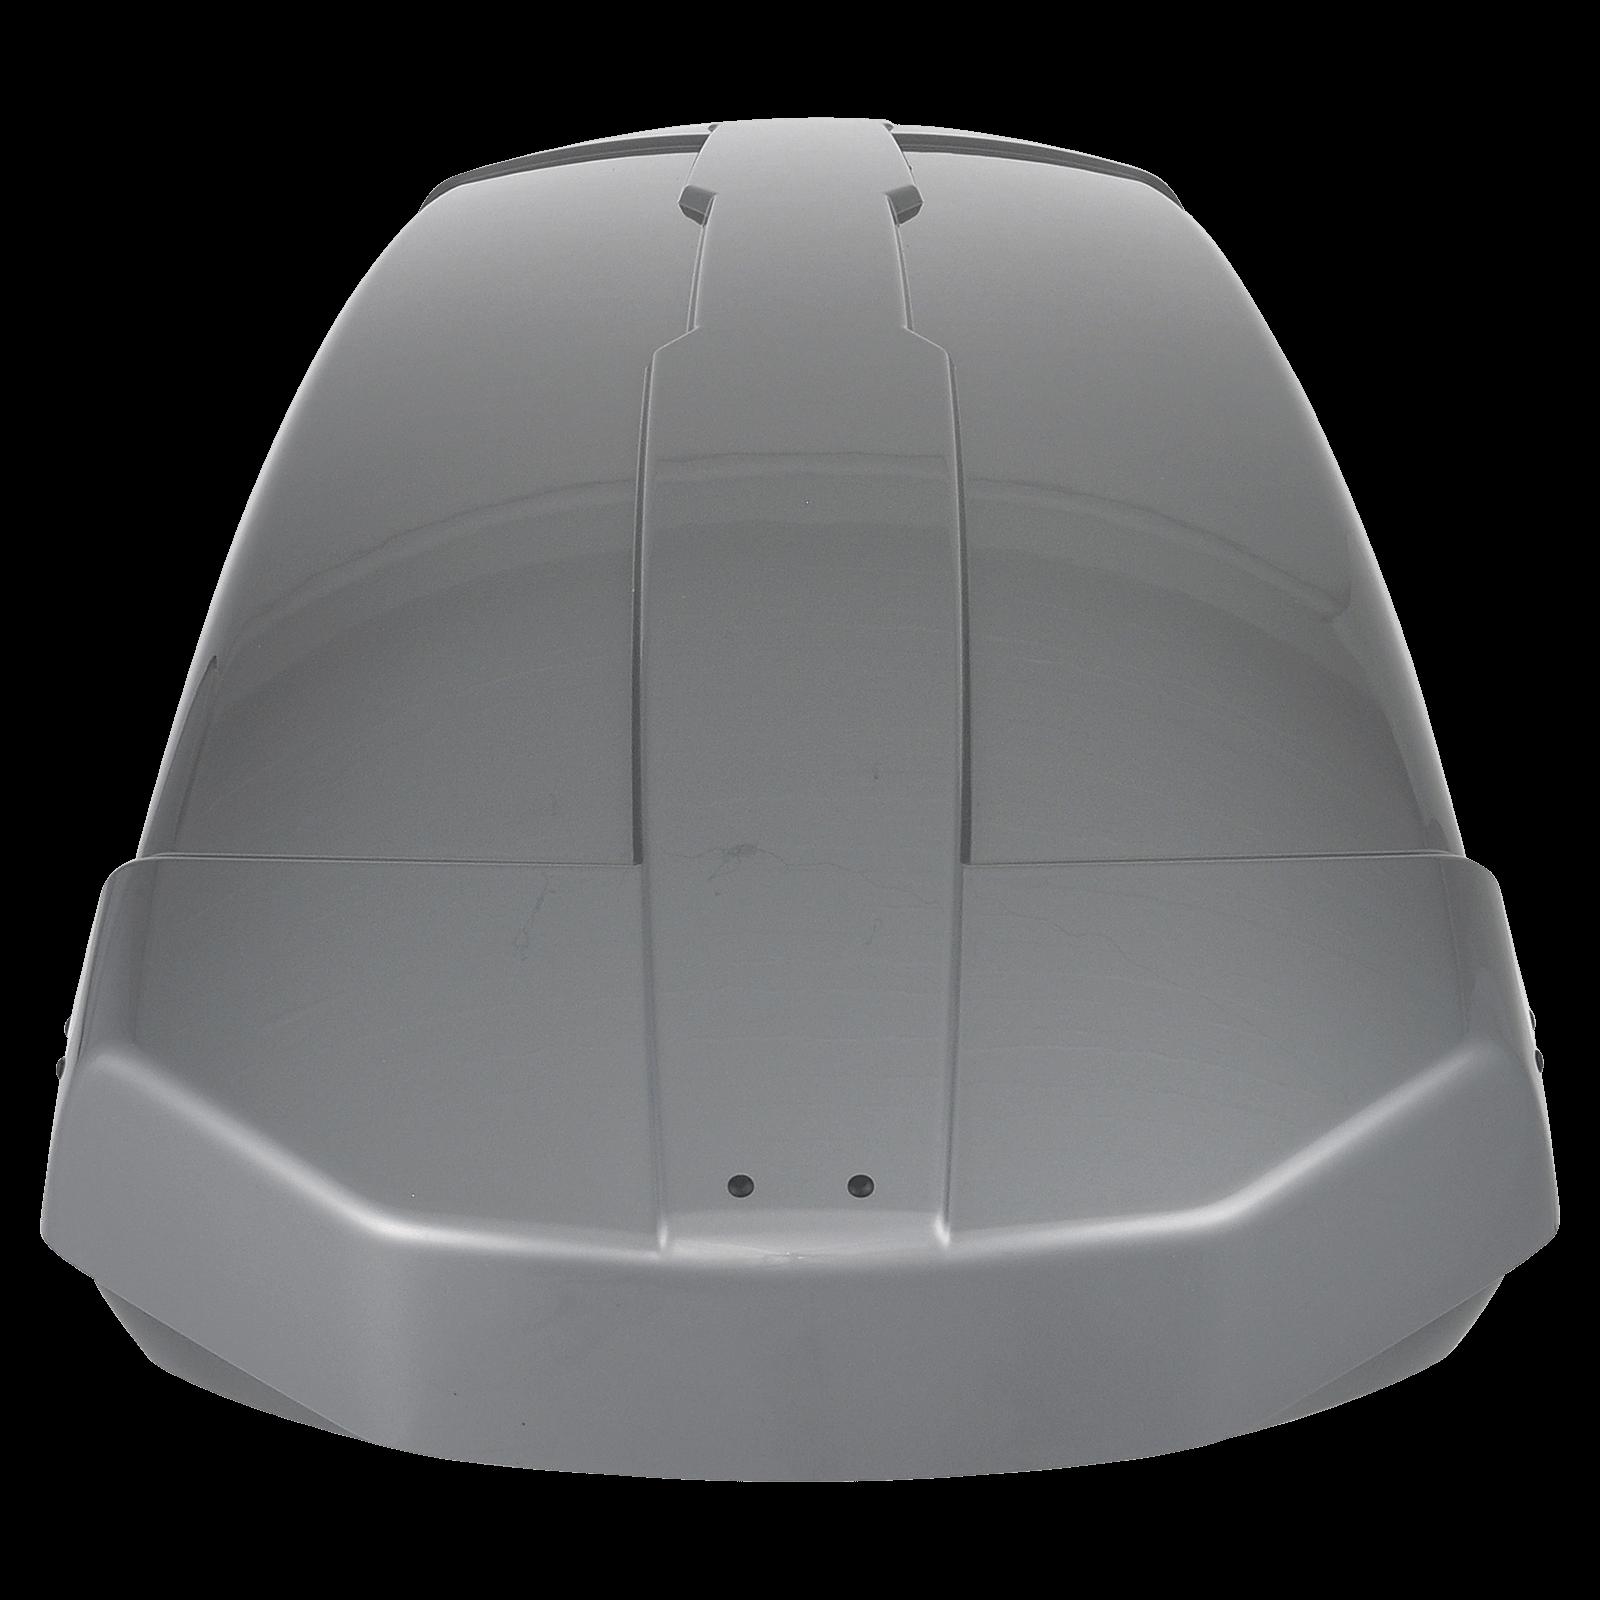 Dachbox Thule Motion XT XXL Titan Glossy - Bild 3